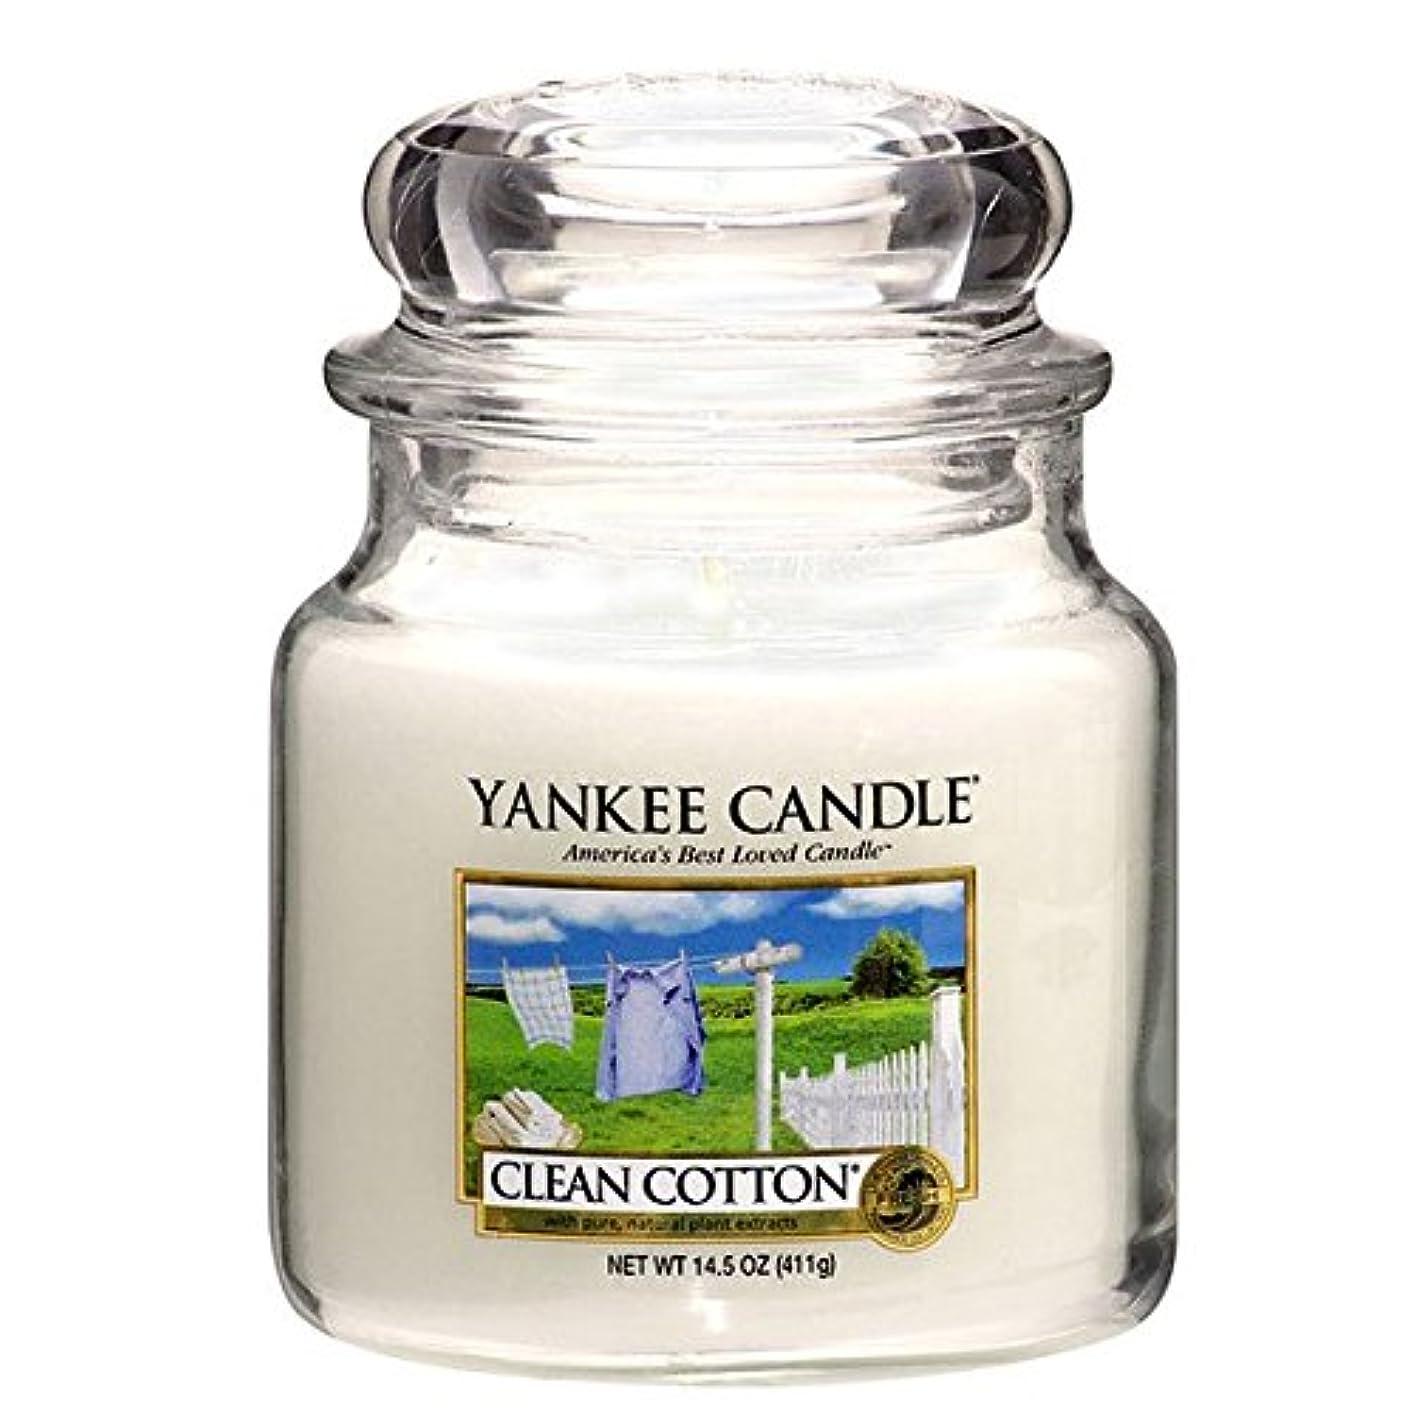 YANKE CANDLE(ヤンキーキャンドル):YCジャーM クリーンコットン YK0040501